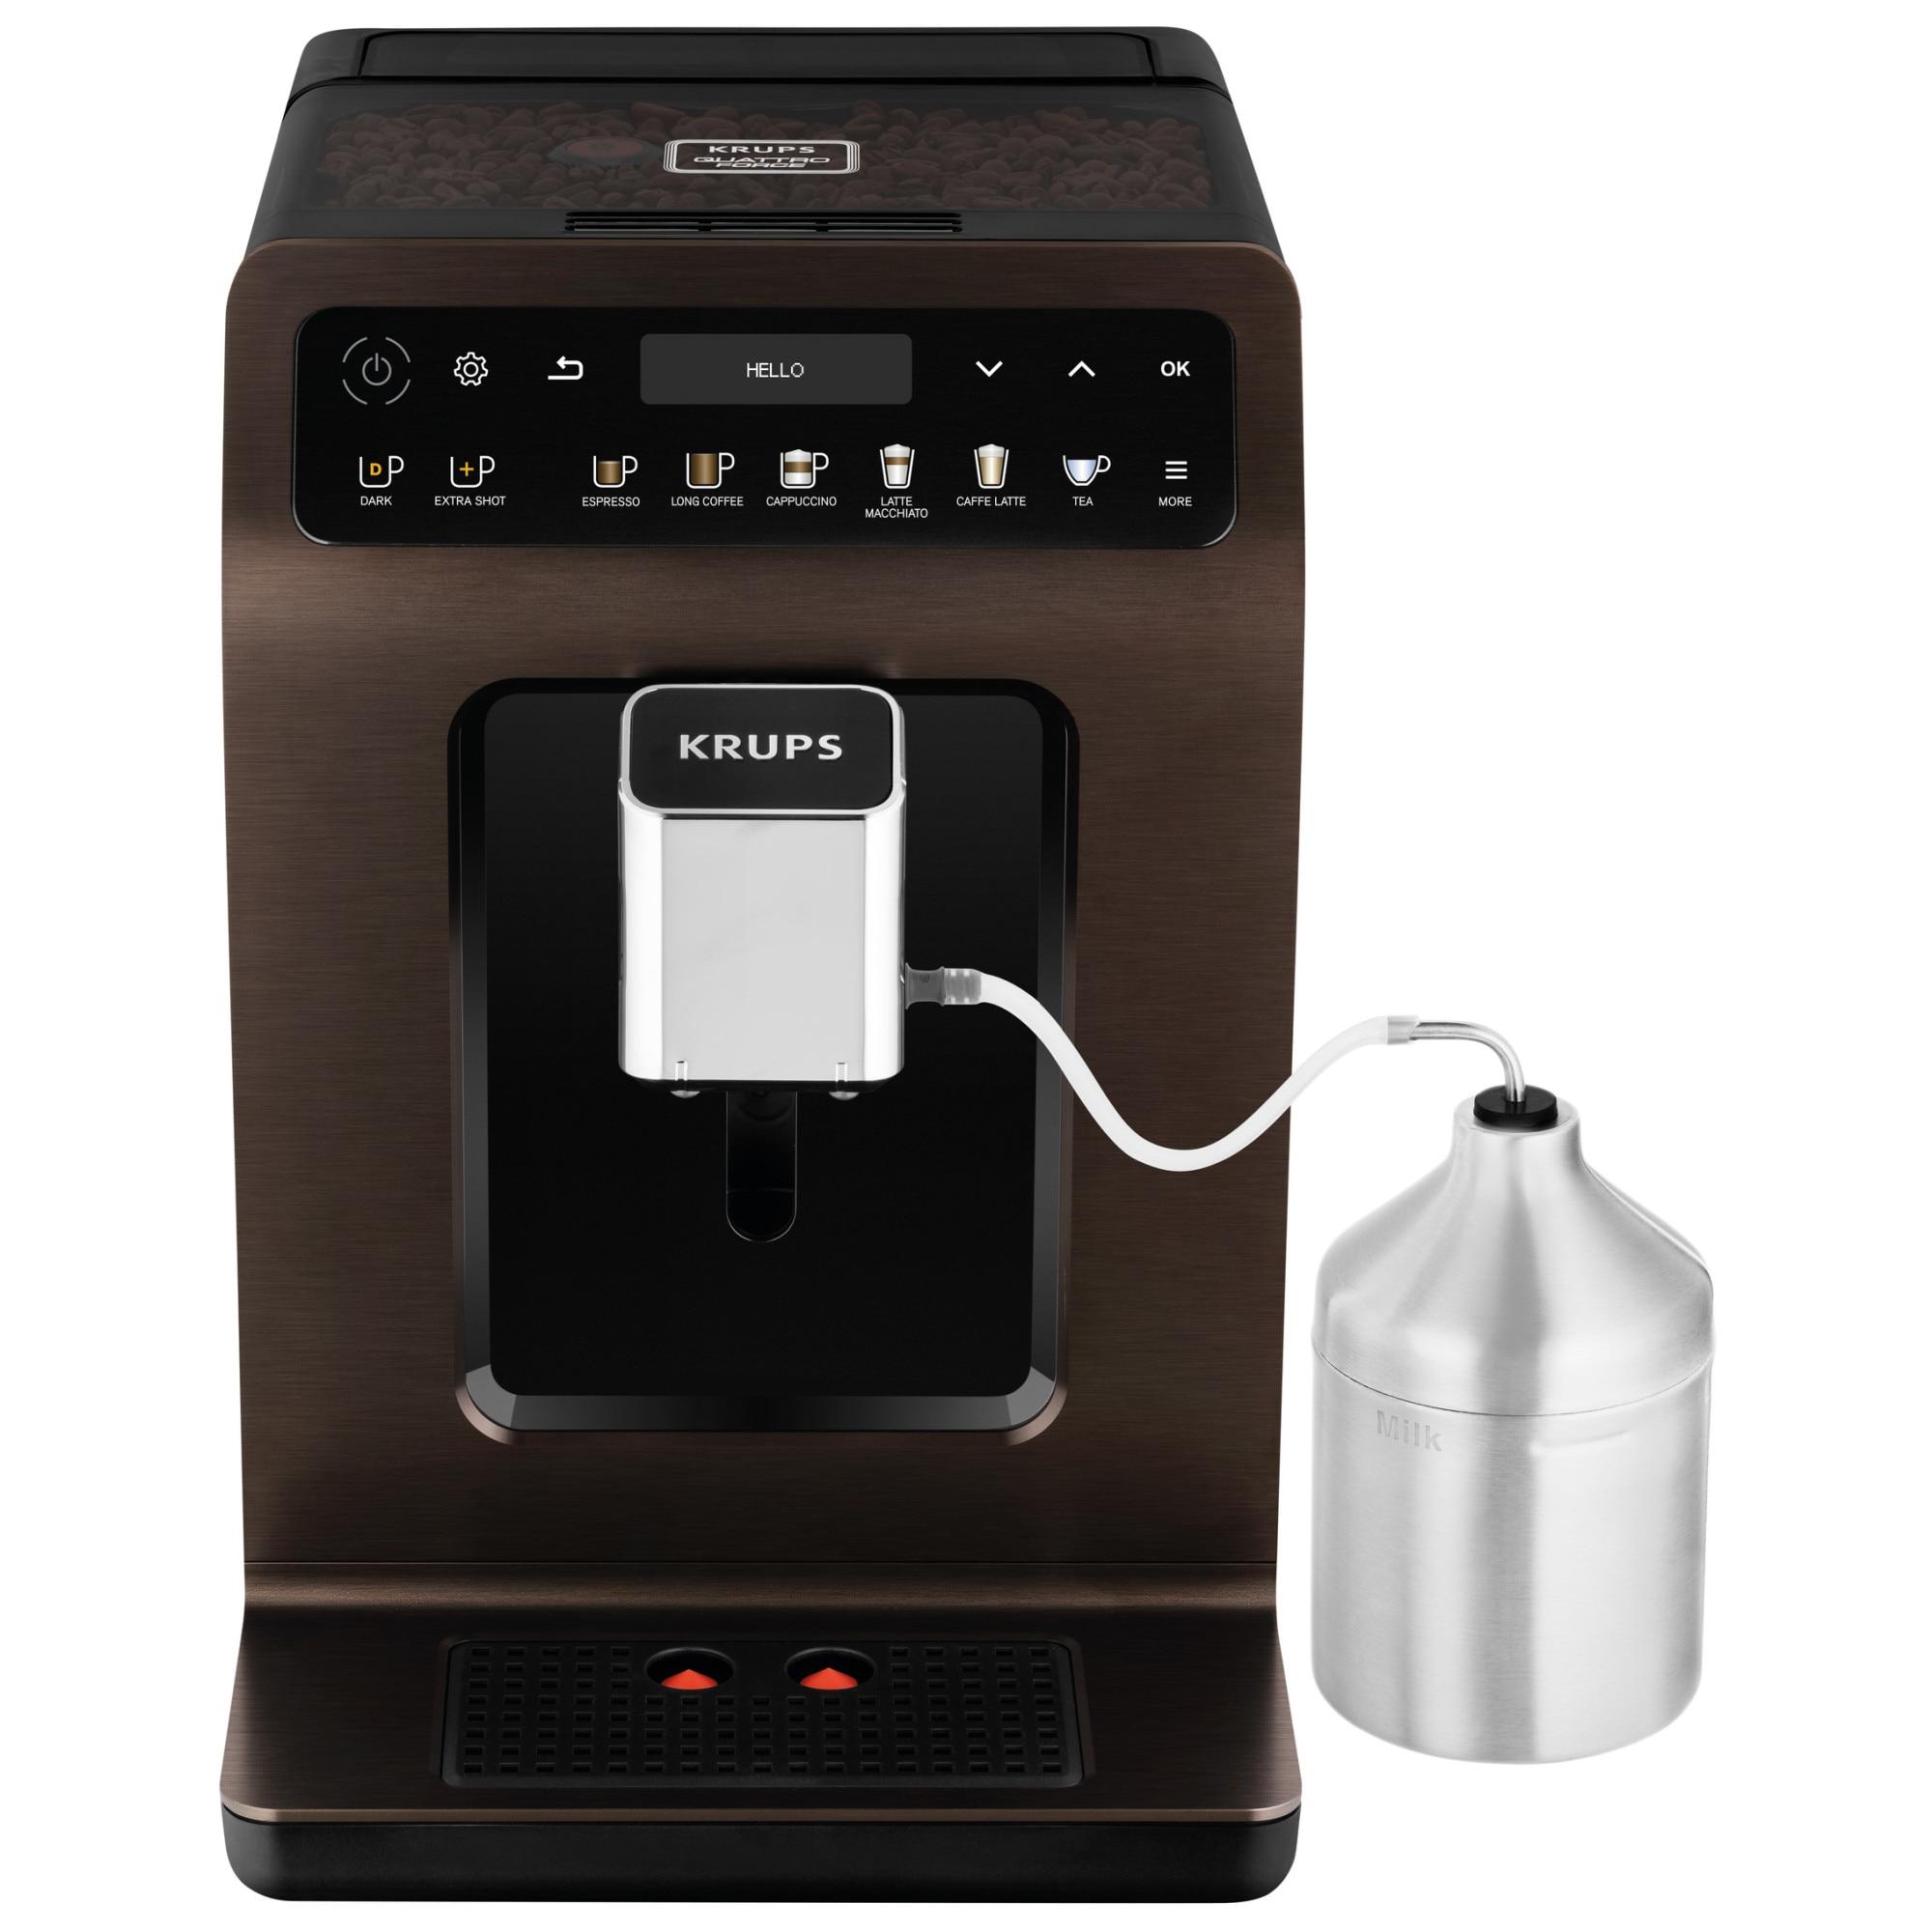 Fotografie Espressor automat Krups EA894910 Evidence, 1450 W, 2.3 L, One-Touch-Cappuccino, 19 selectii, accesoriu pentru lapte, display Touch Screen, Maro